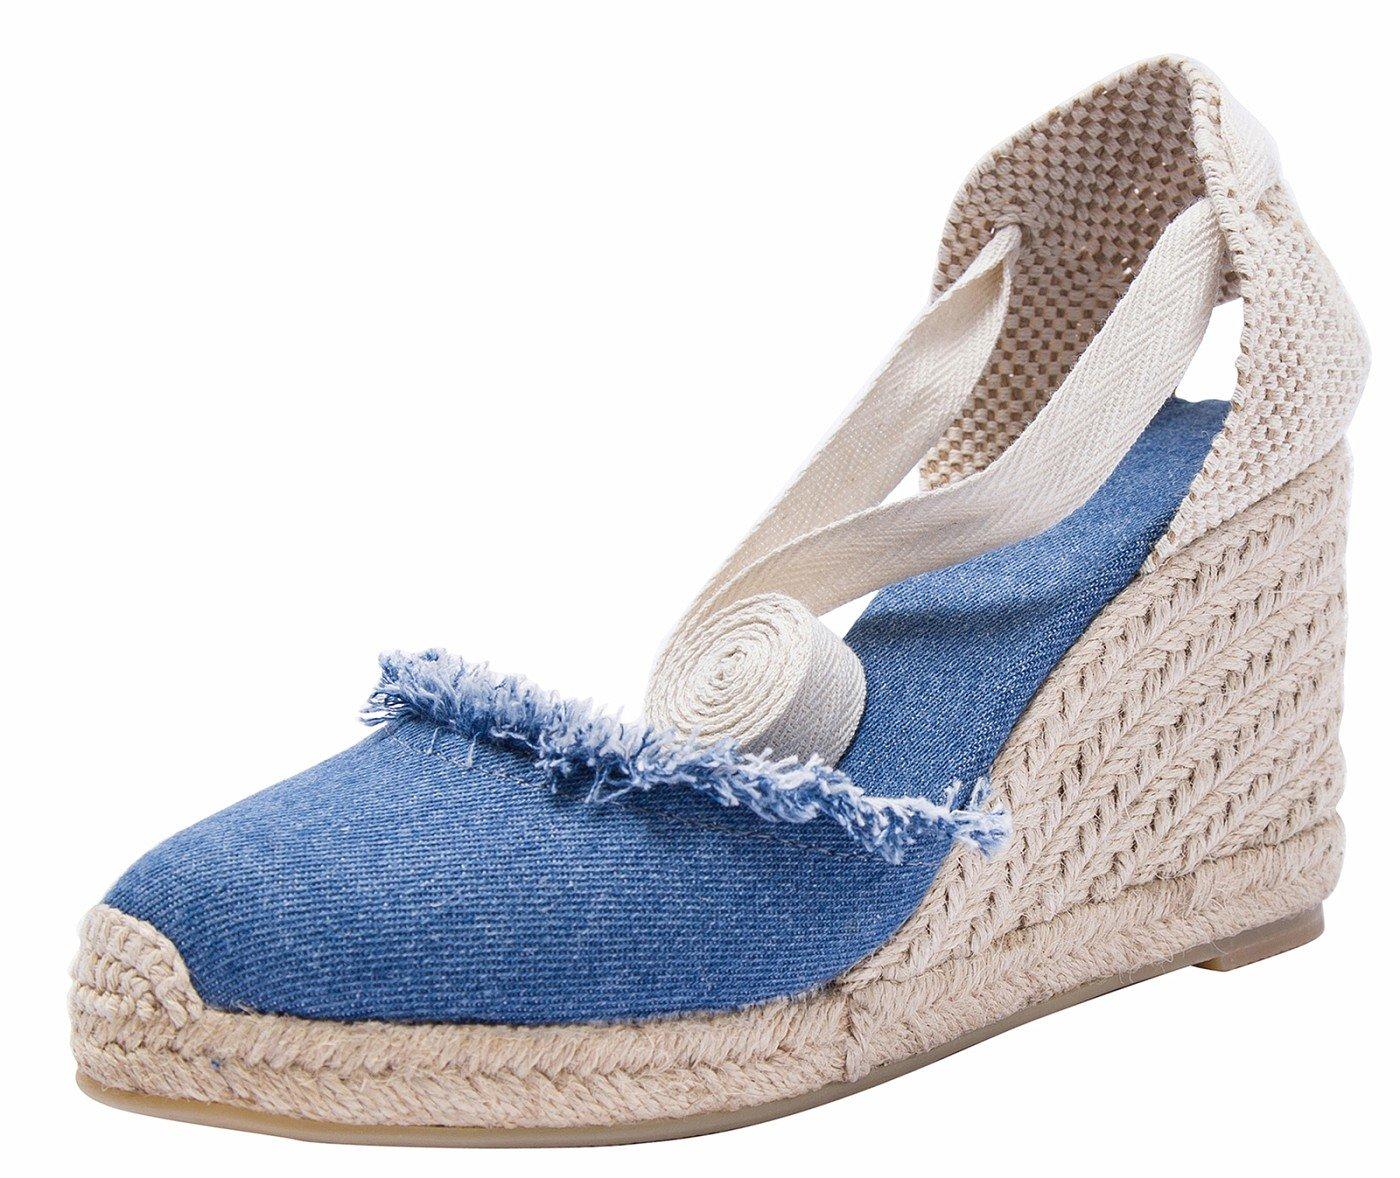 Damen Klassische Denim Keilabsatz-Espadrilles mit Bändern zum Blau(b) Schnüren, Denim Sommerschuhe Sandalen Blau(b) zum d63666